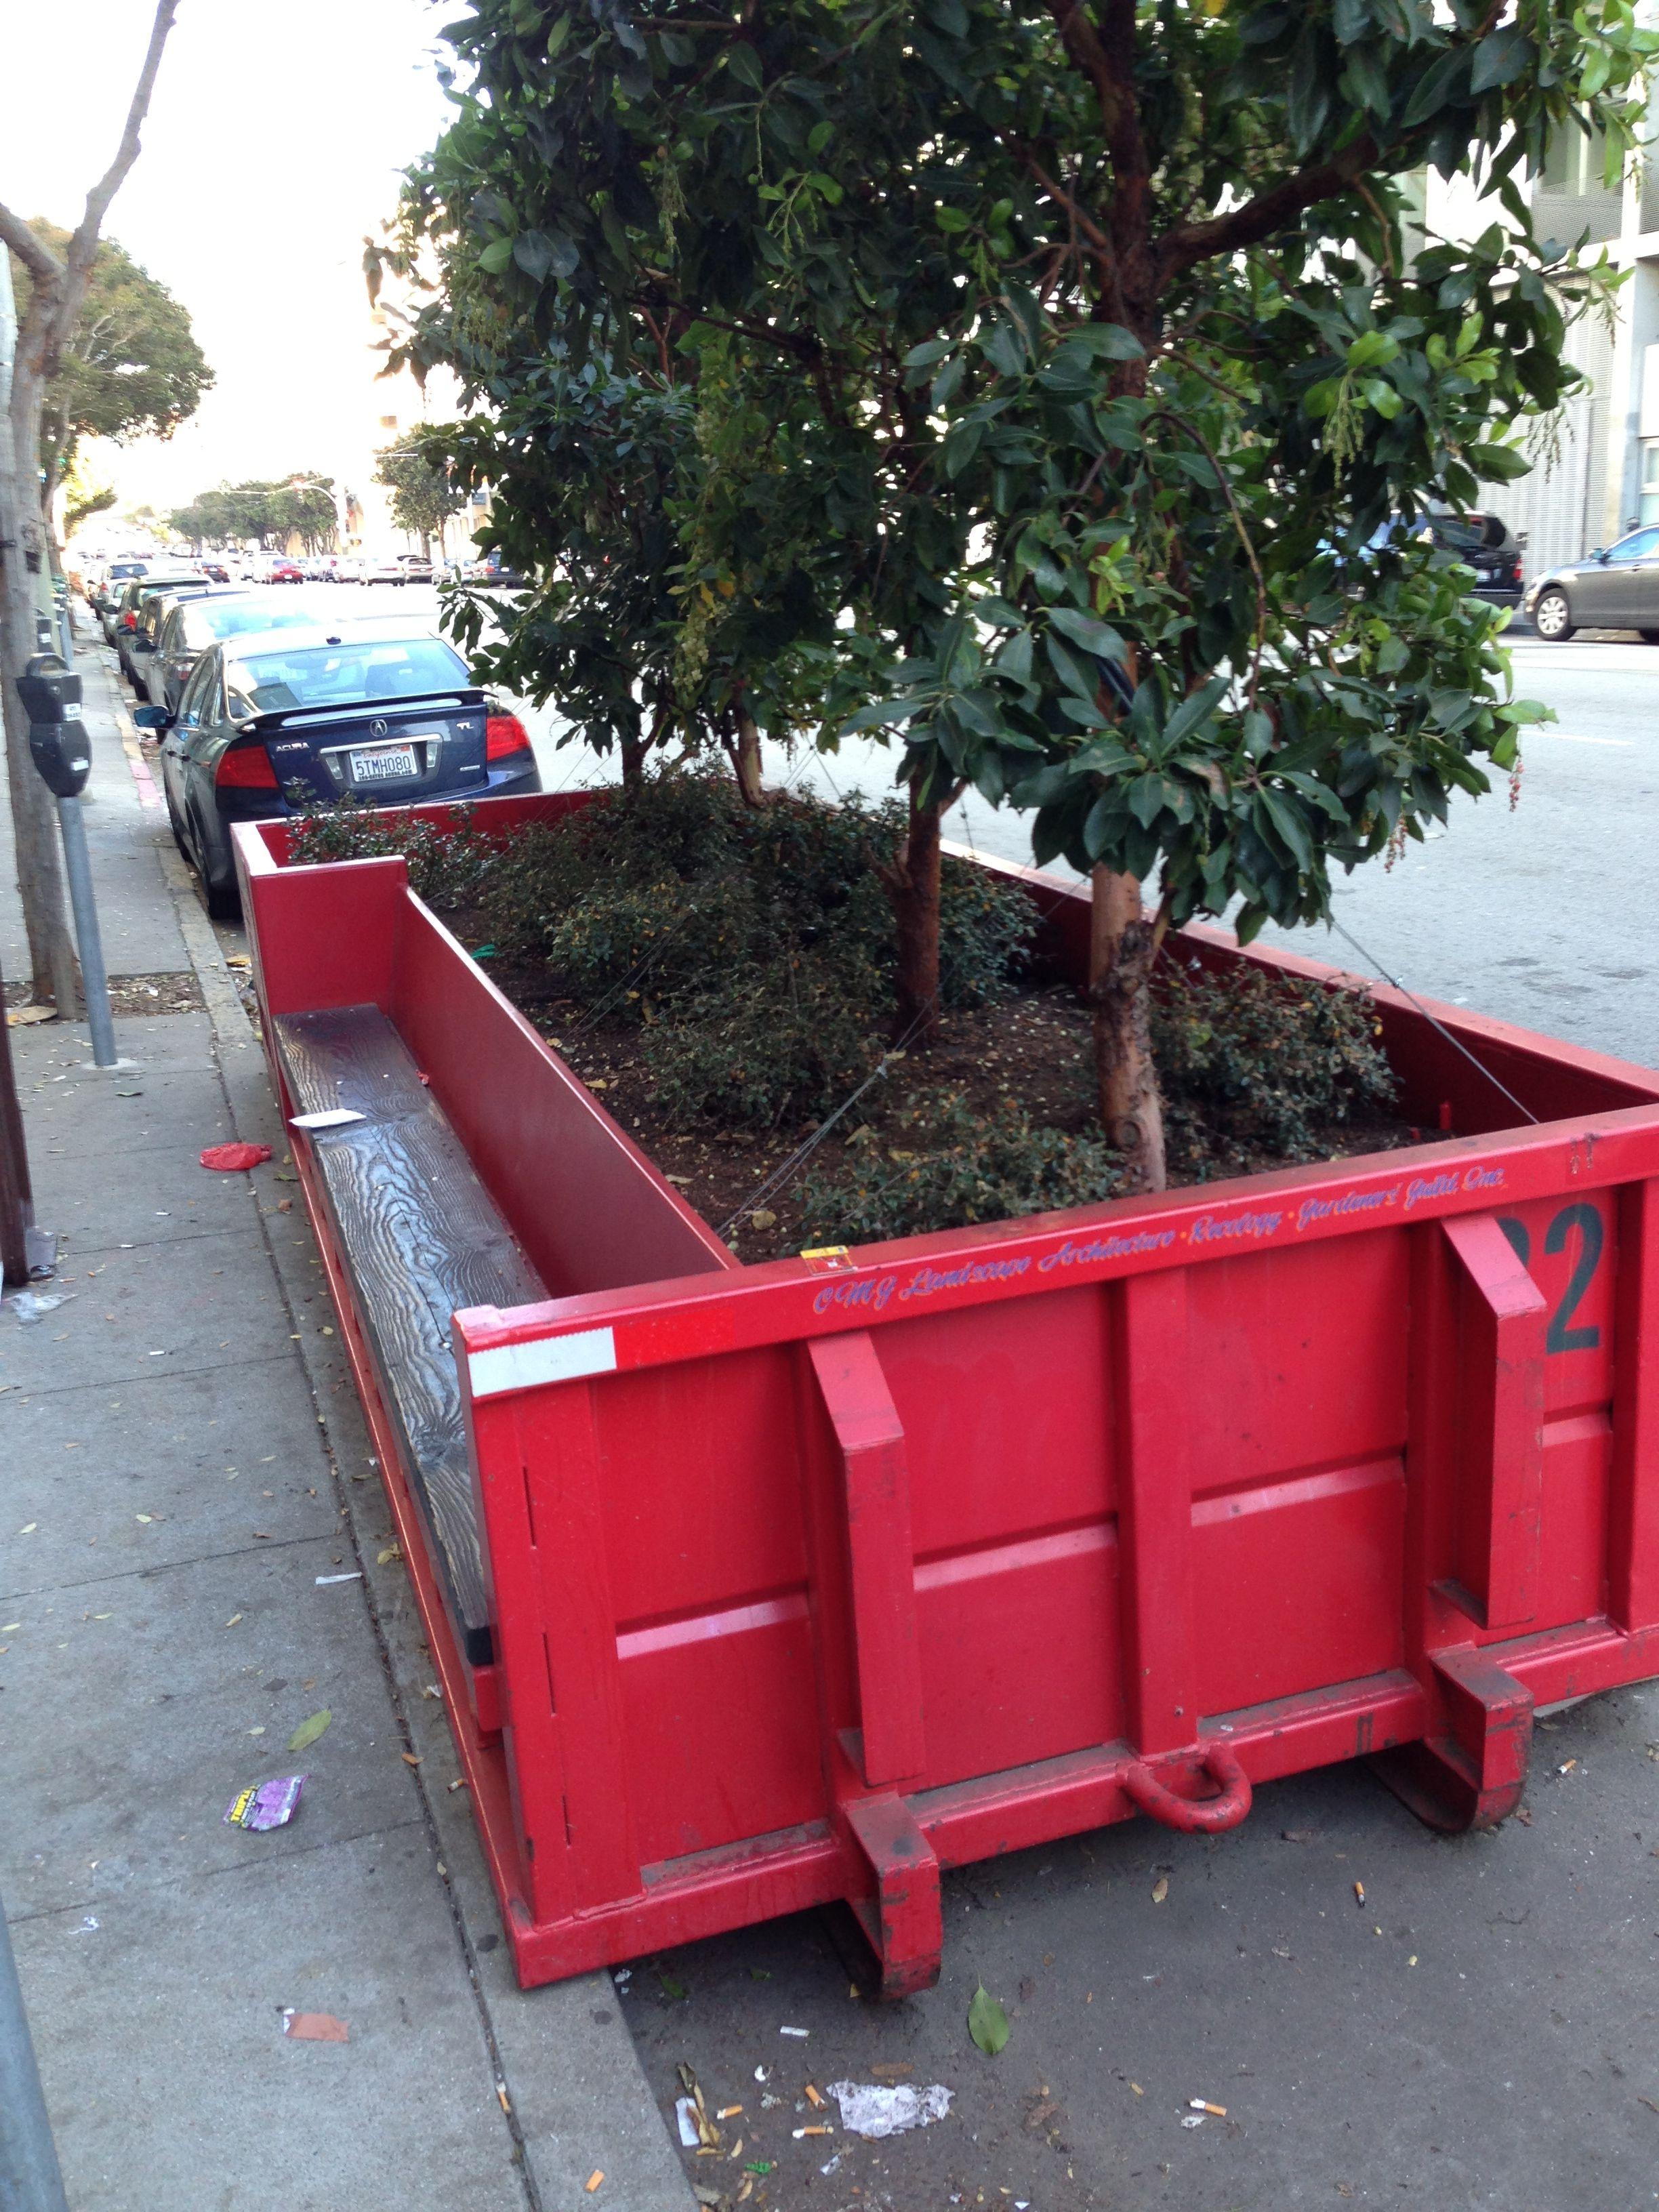 Dumpster Garden Container Gardening Rent A Dumpster Dumpsters